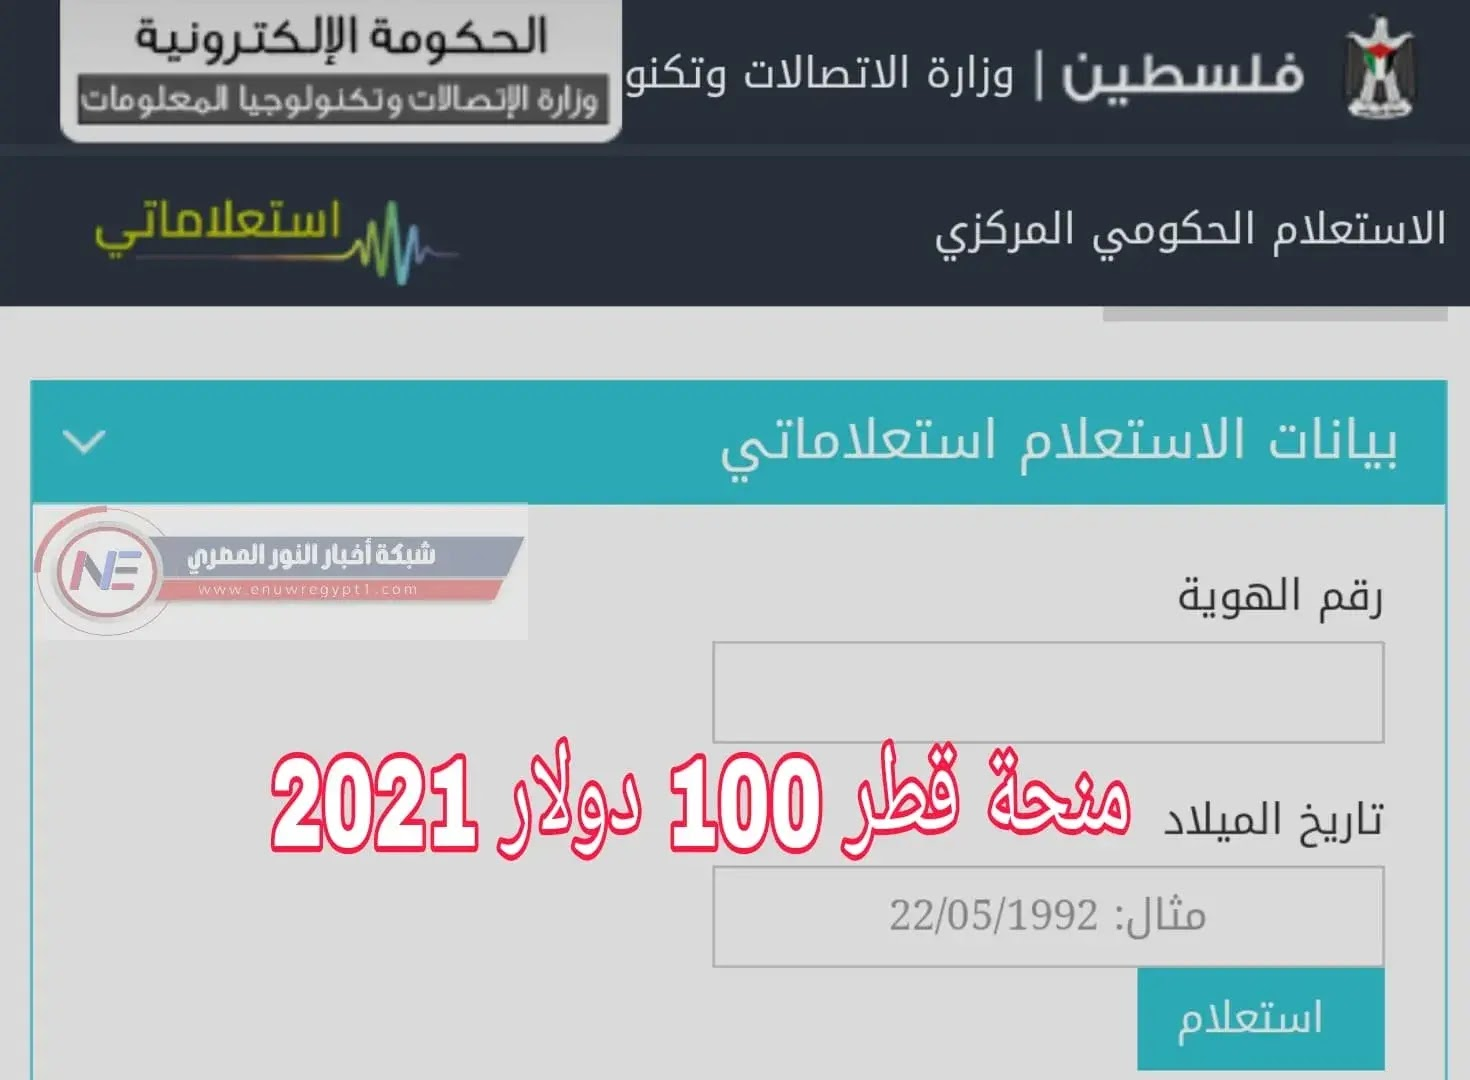 المنحة القطرية | رابط فحص 100 دولار شهر ابريل 2021 | موقع الحصول علي منحة قطر 100 دولار عبر query.gov.ps | الرابط الرسمي لفحص اسماء المستفيدين من المنحة القطرية غزة